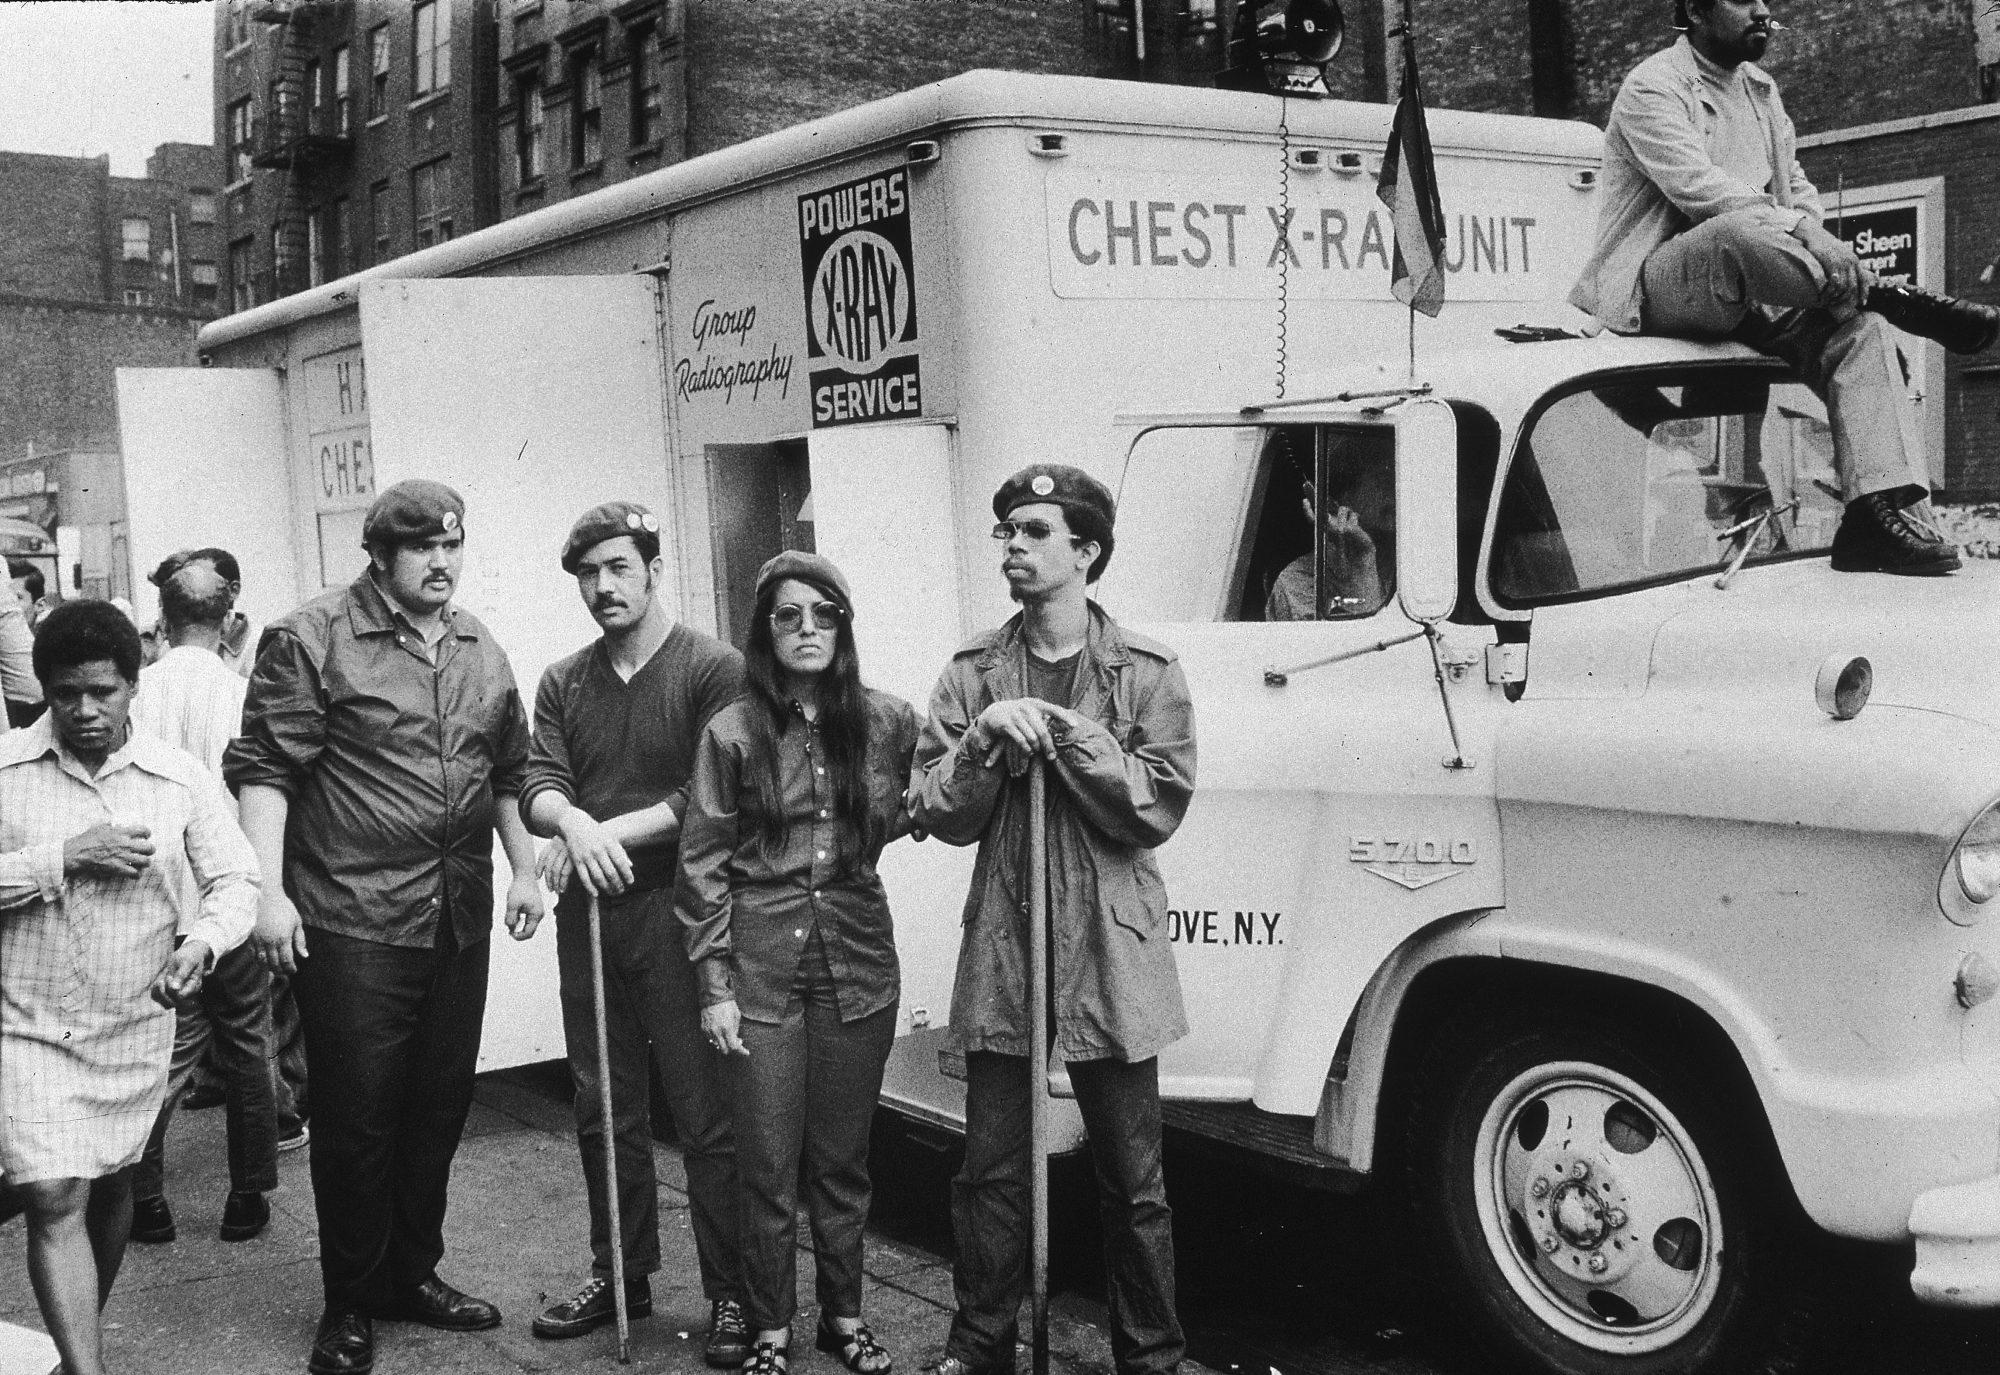 17 de junio de 1970: Miembros del grupo activista puertorriqueño Young Lords se reúnen cerca de la unidad de rayos X de tórax que incautaron en East Harlem, Nueva York.